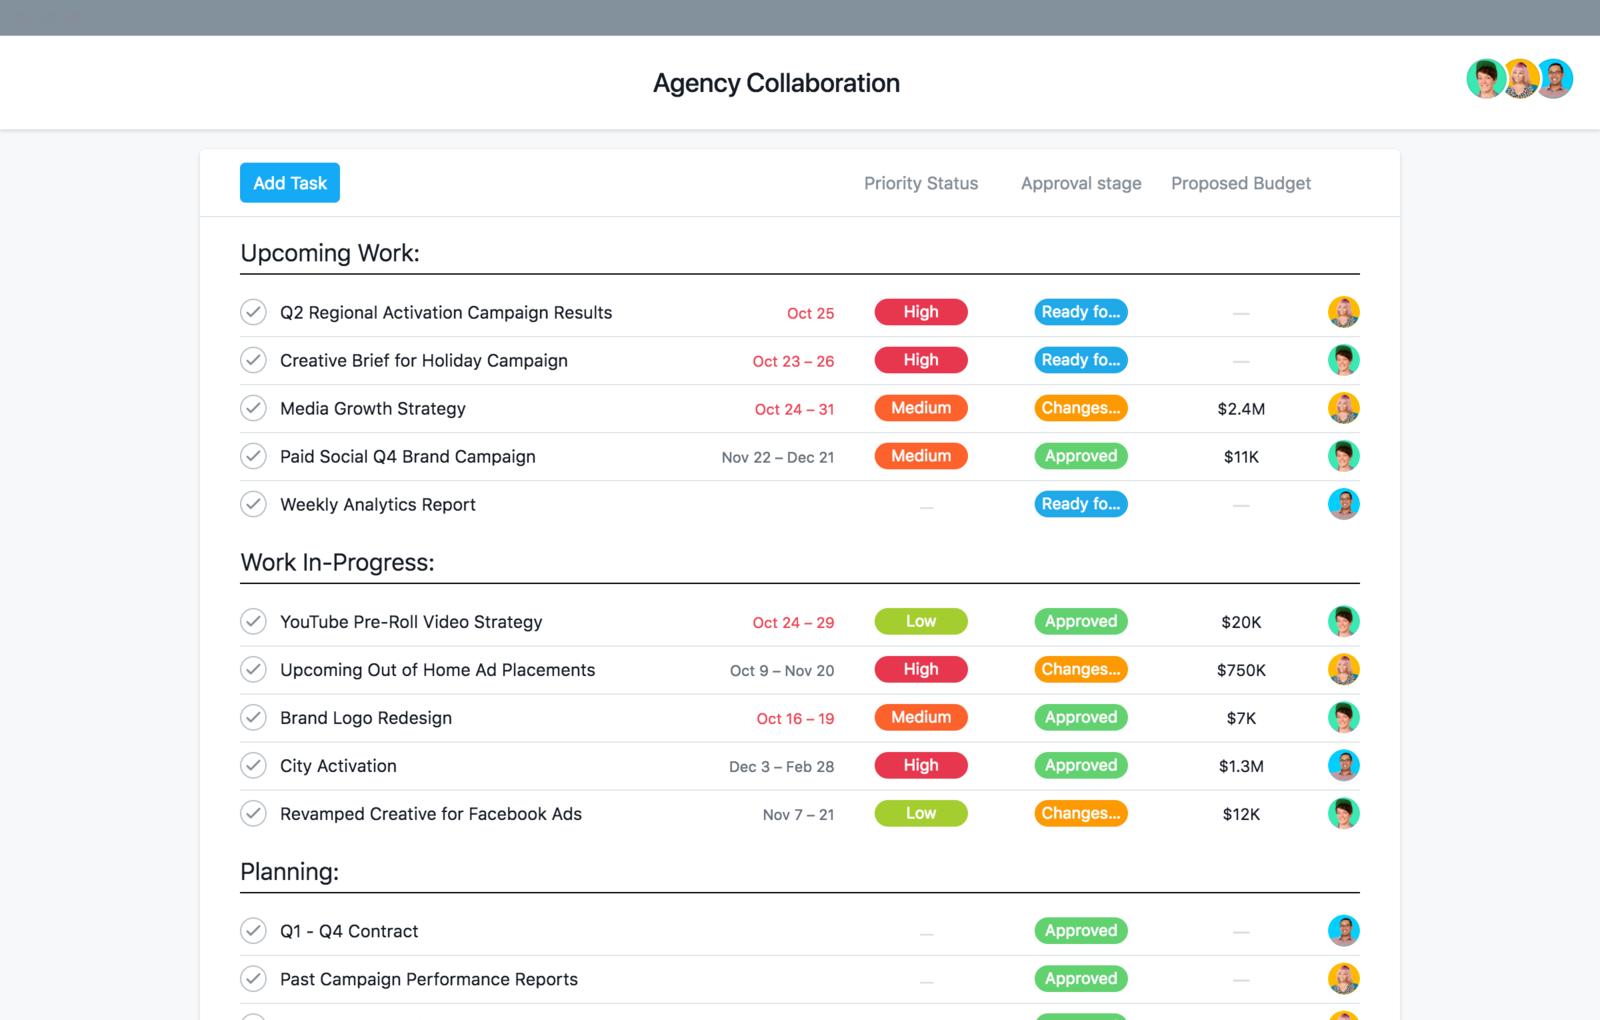 Modelo de colaboração de agências